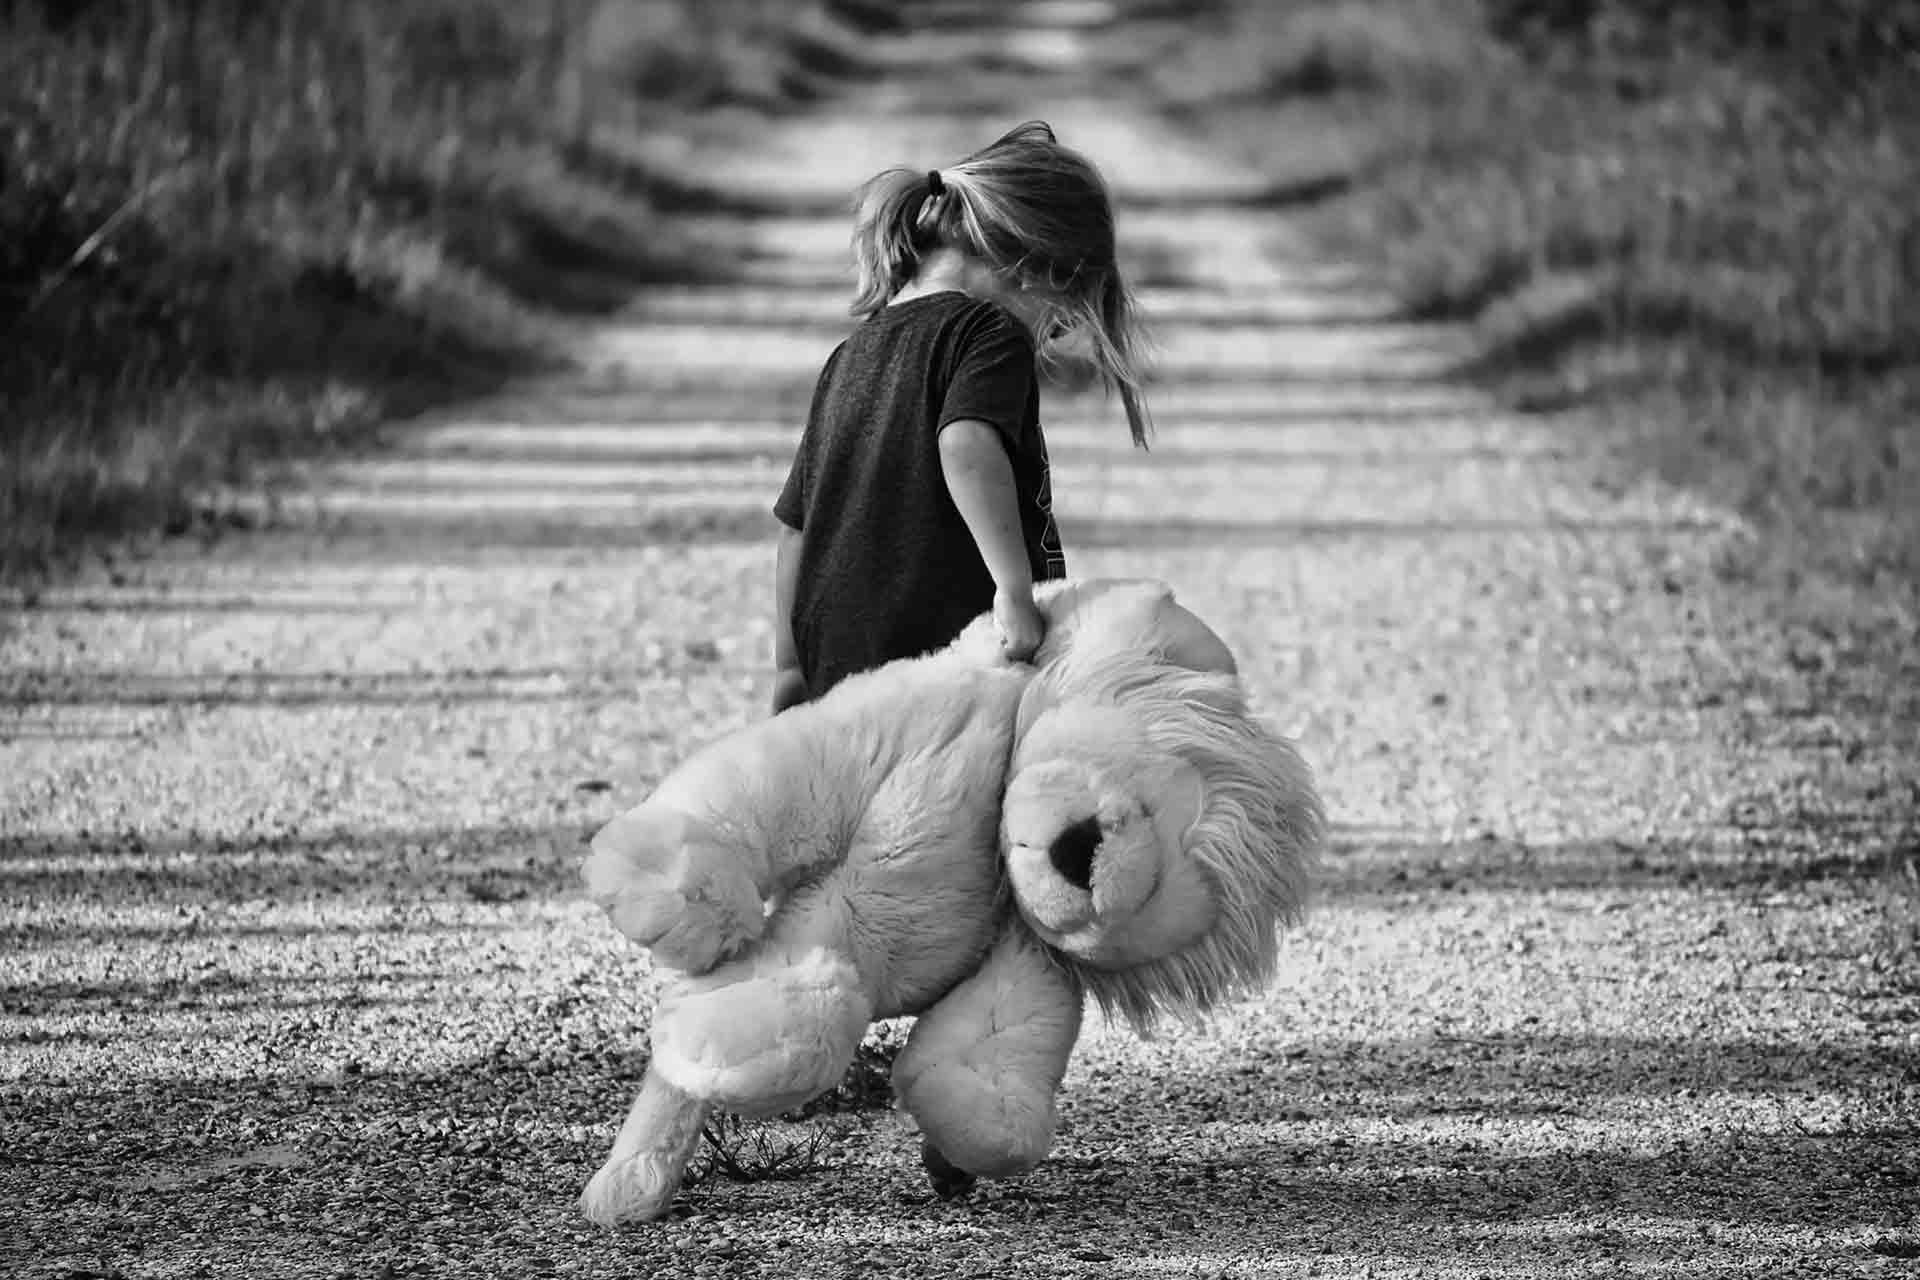 Kind mit Plüschtier geht auf Strasse